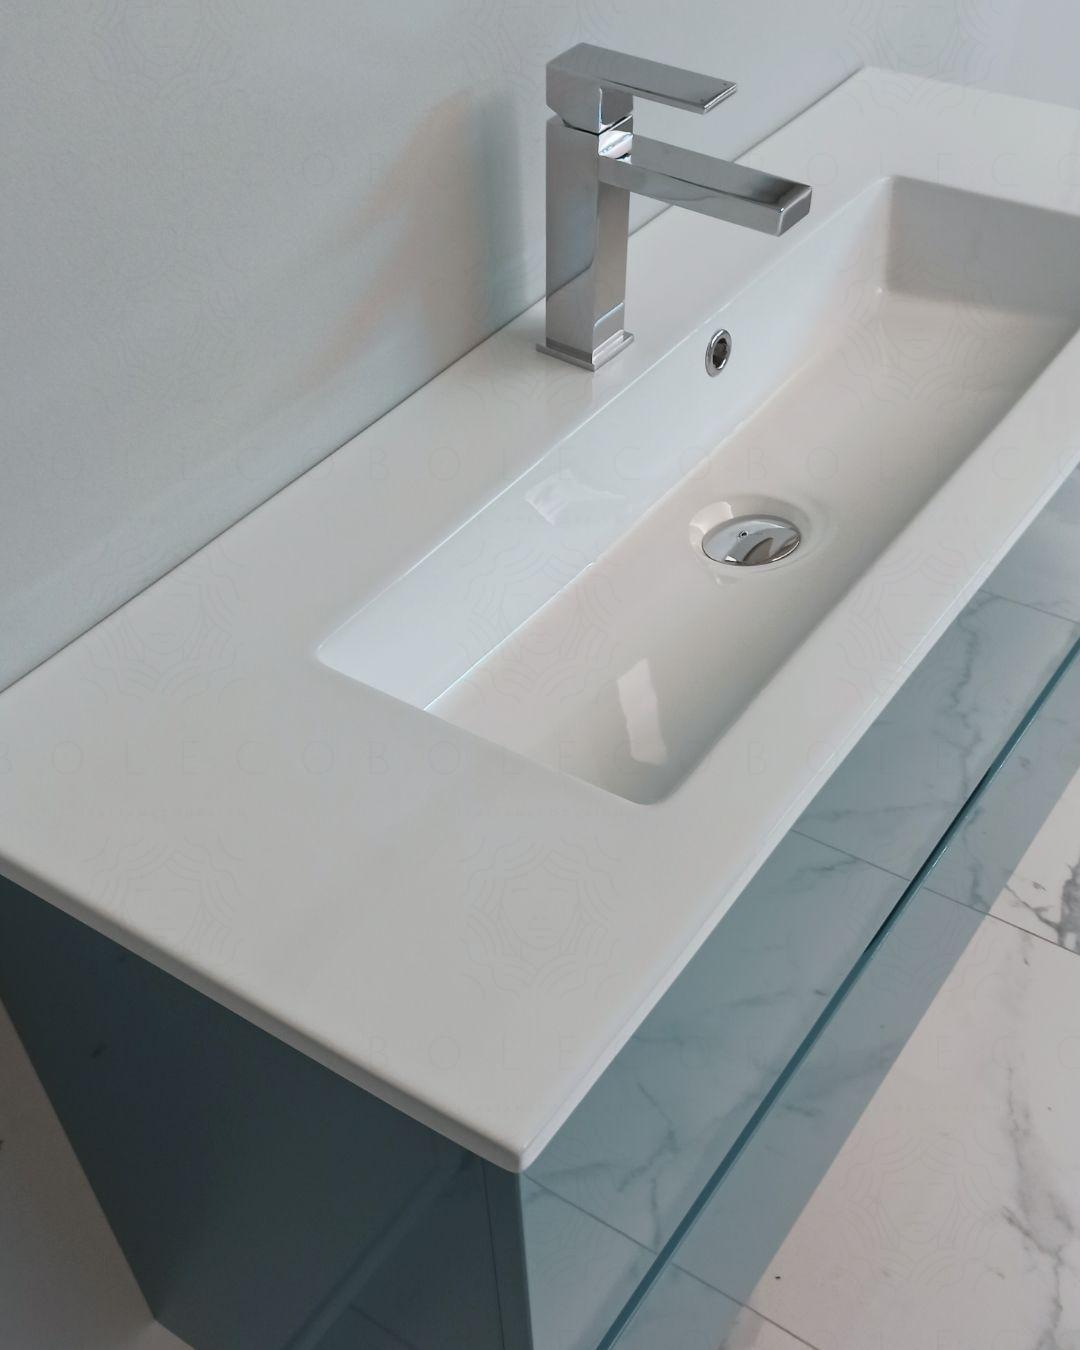 Mobile Bagno Sospeso Perla Cm 100 Profondita Ridotta Boleco